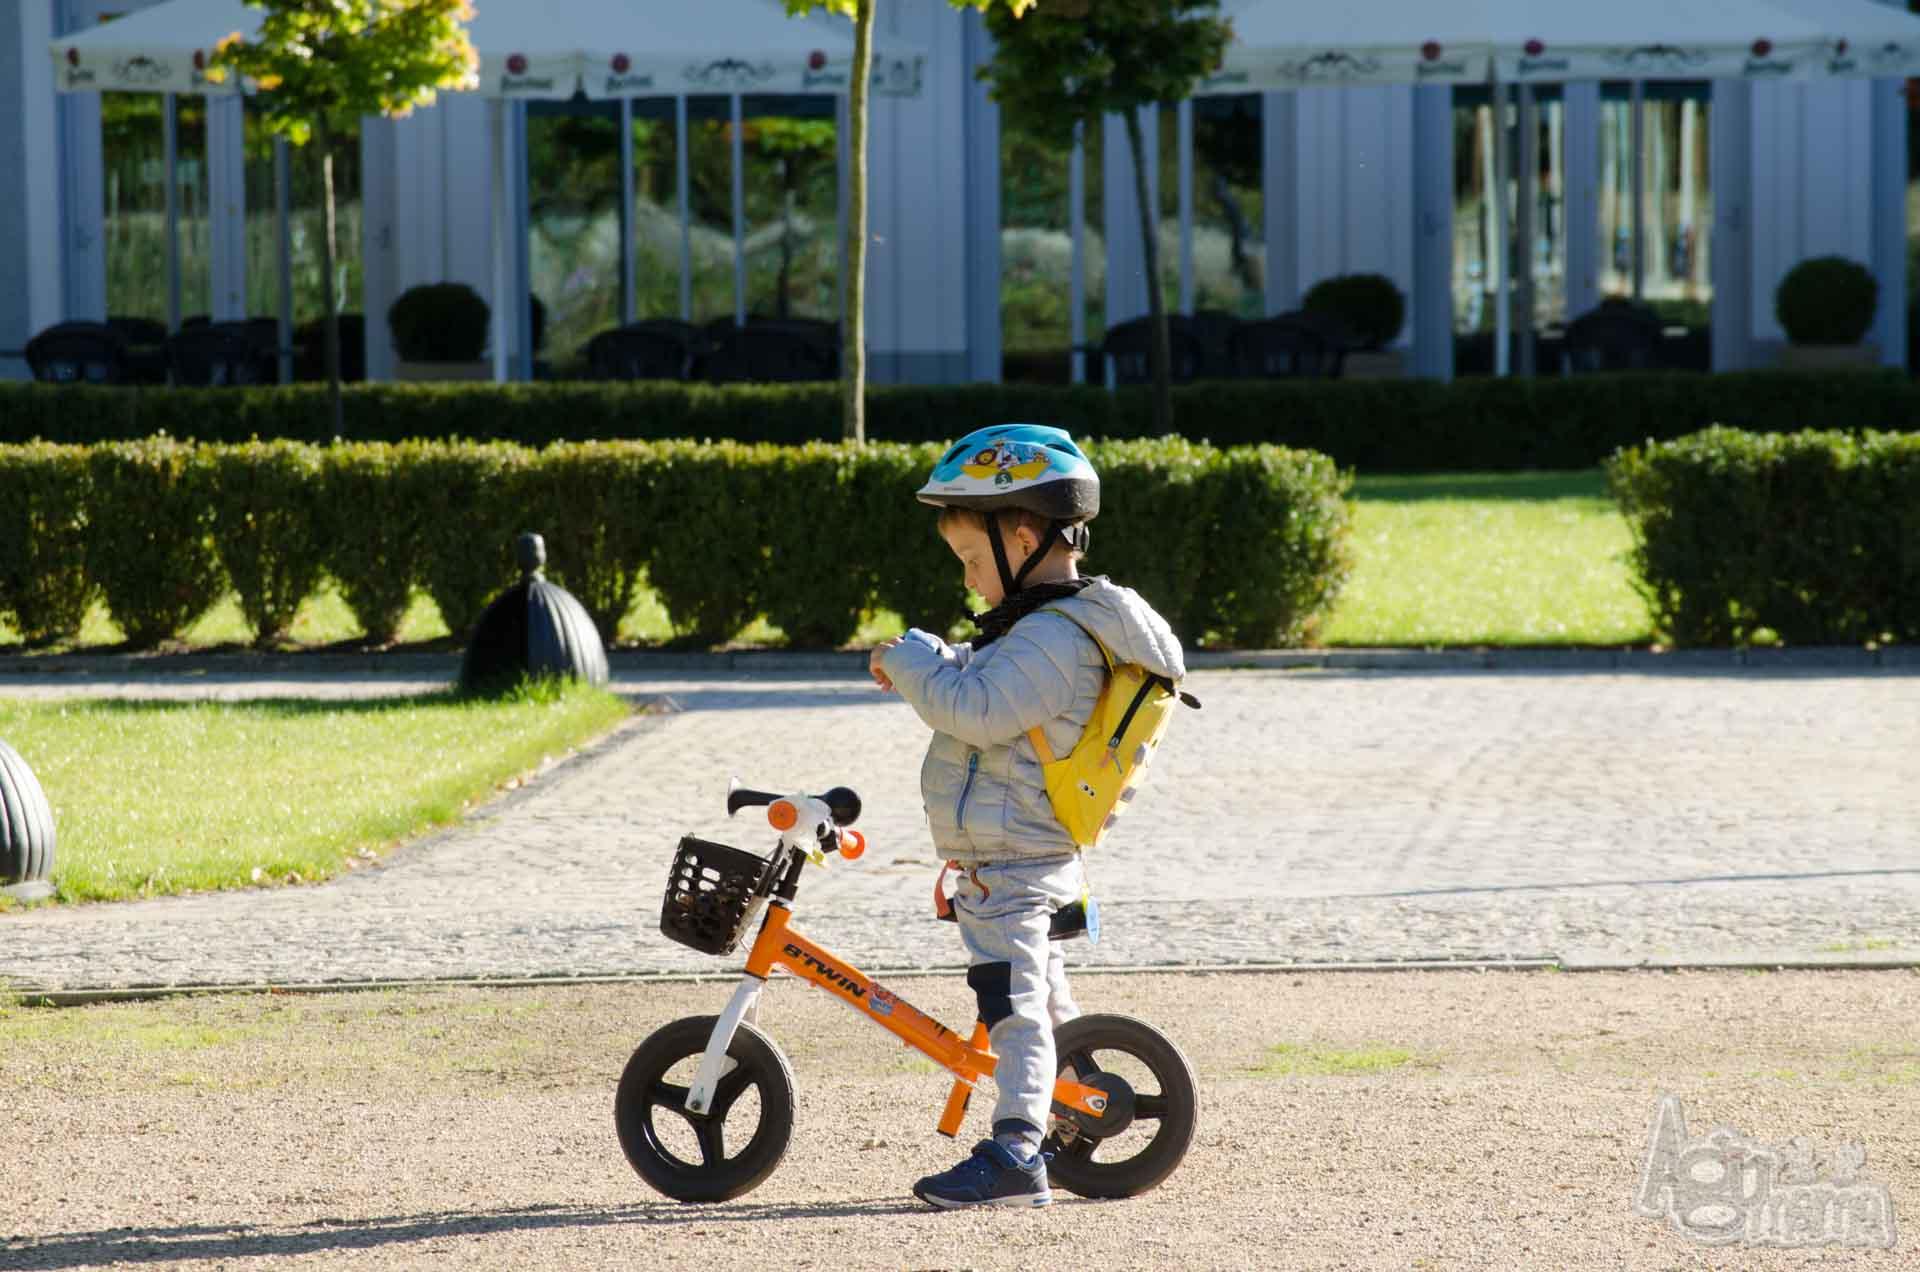 zegarek GPS dla dziecka Żółwik na rowerze